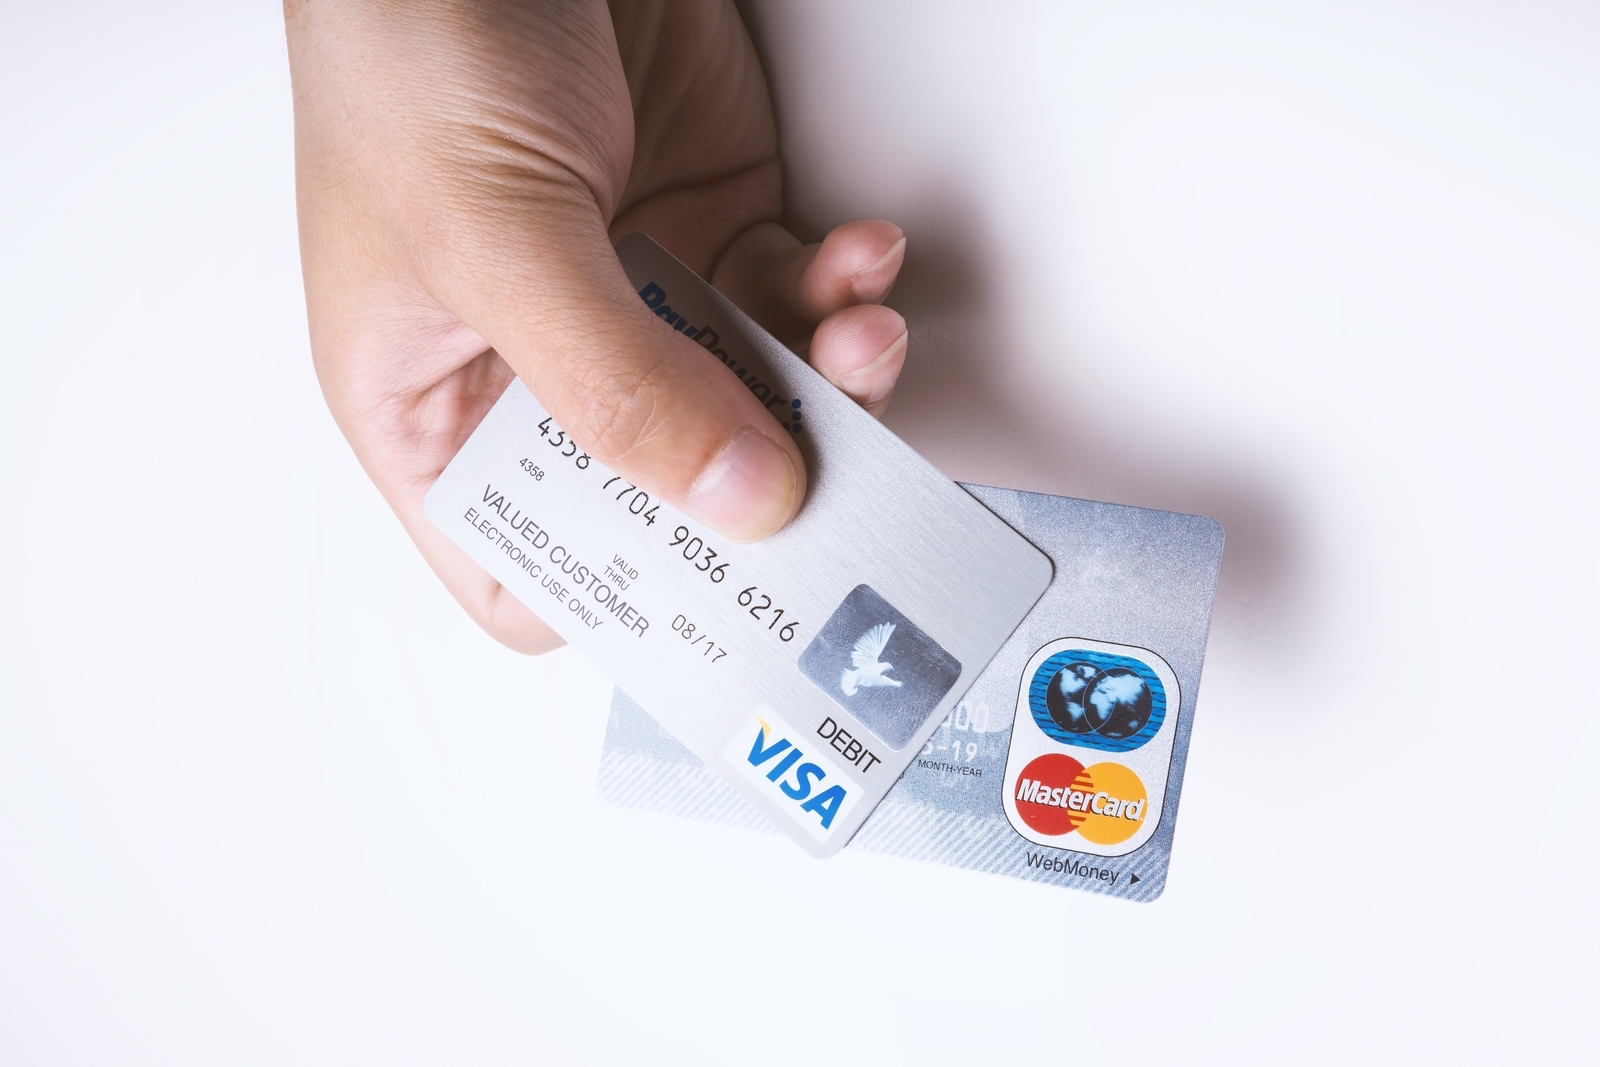 完全思考停止!クレジットカードだといくら使ったかわからないから現金で払う主婦